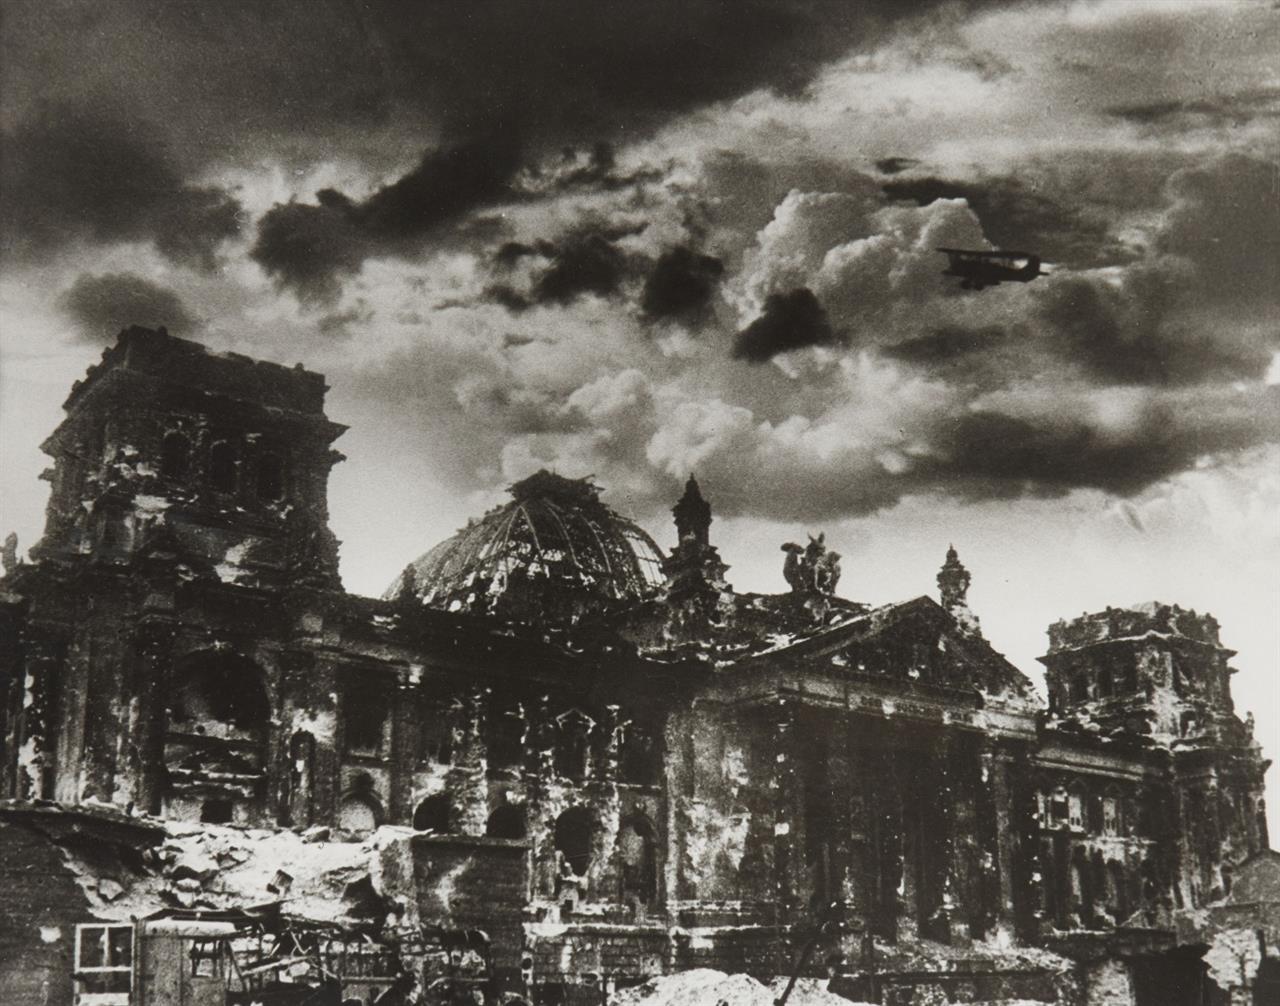 Yevgeni Chaldej. Ein Flugzeug über dem zerstörten Reichstag. (1945). Silbergelatineabzug. Signiert u. datiert. Wohl späterer Abzug.